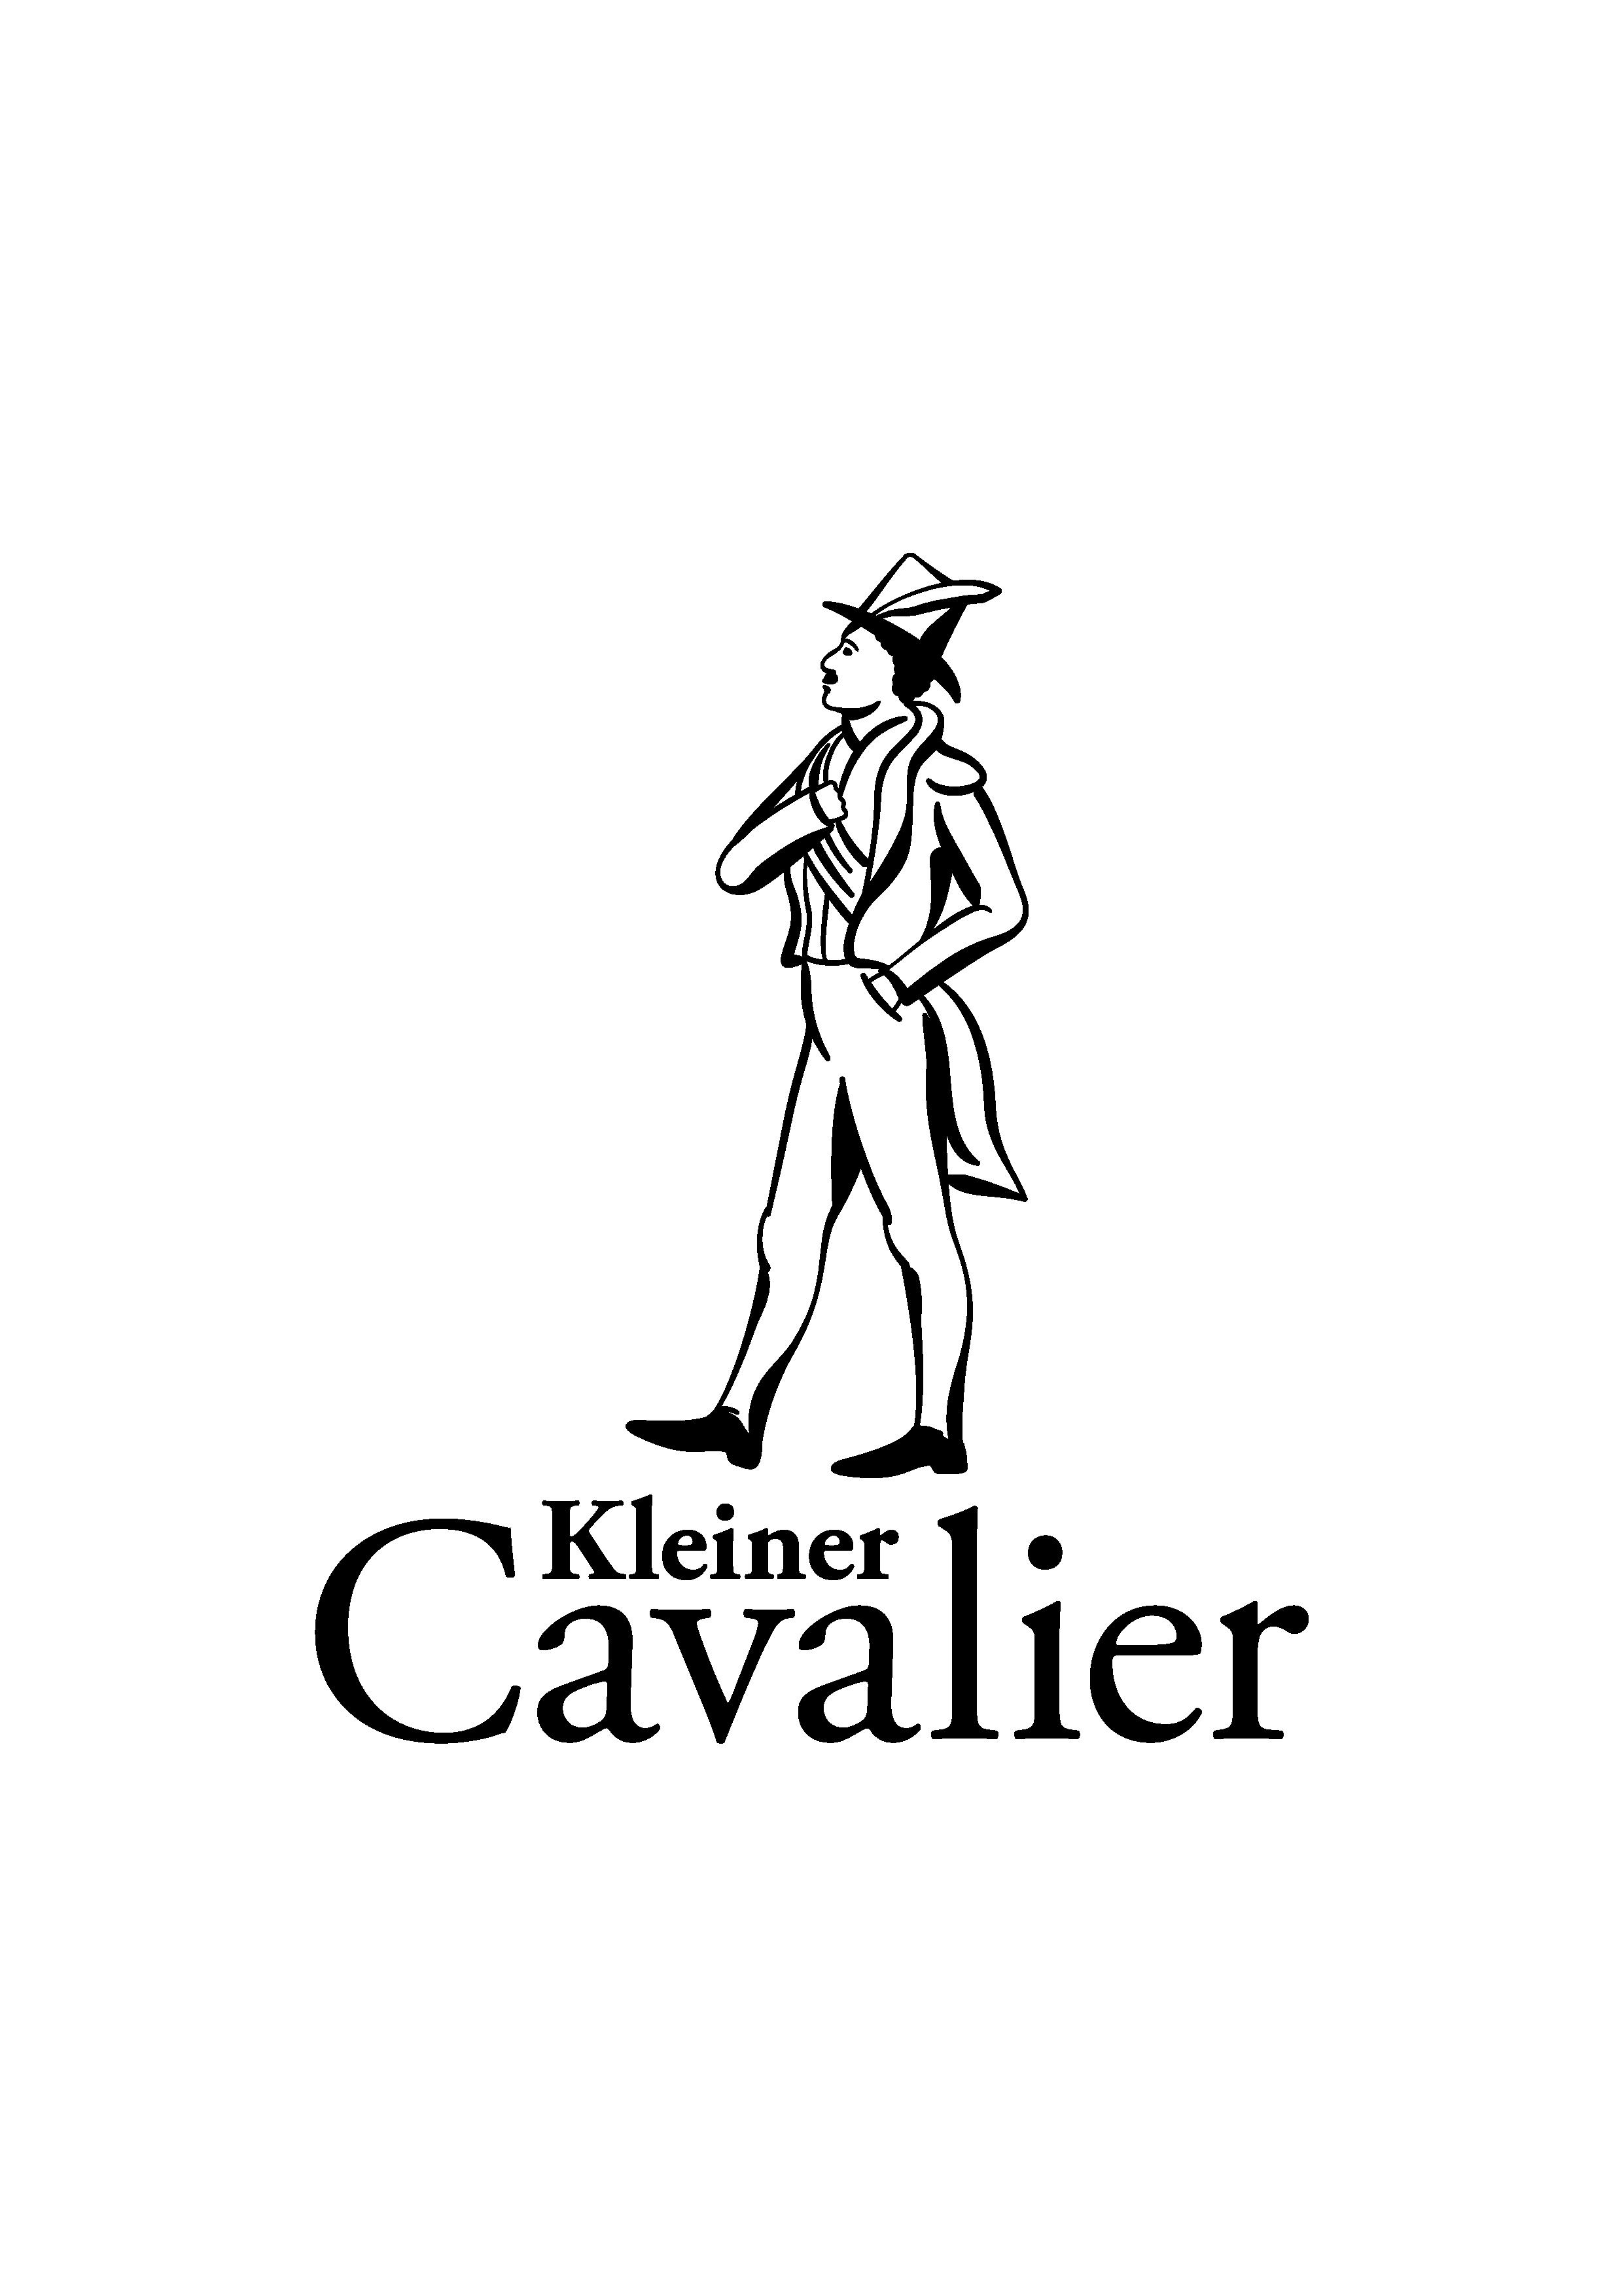 KleinerCavalier_POSITIV_mitSchriftzug